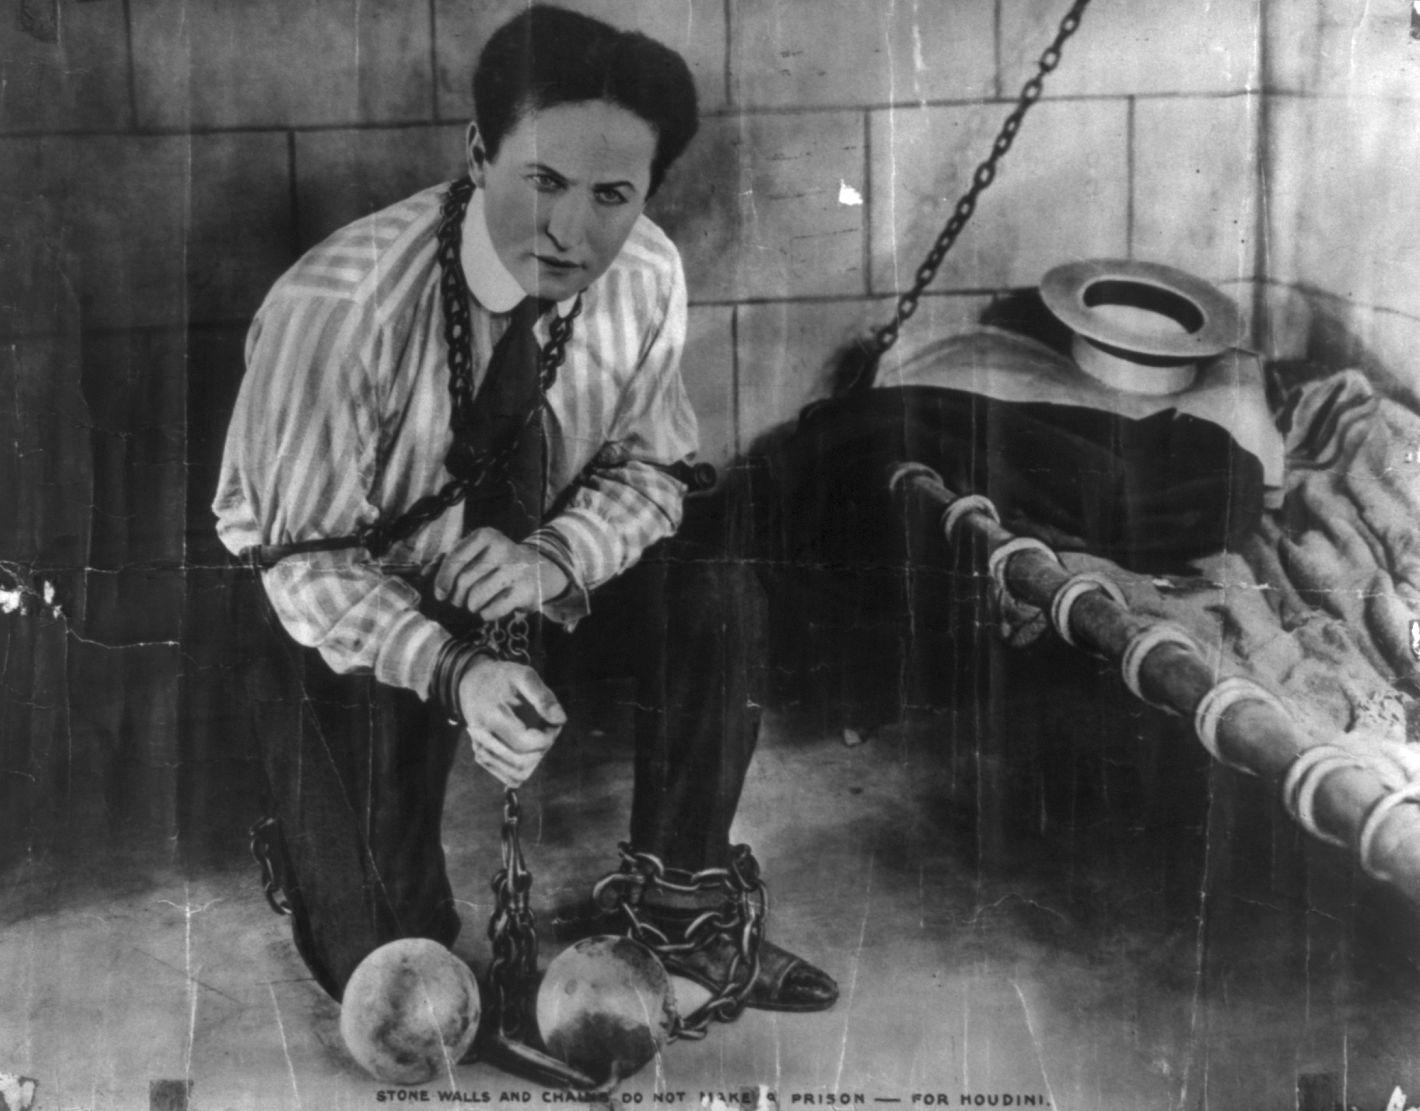 How Did Houdini Die?